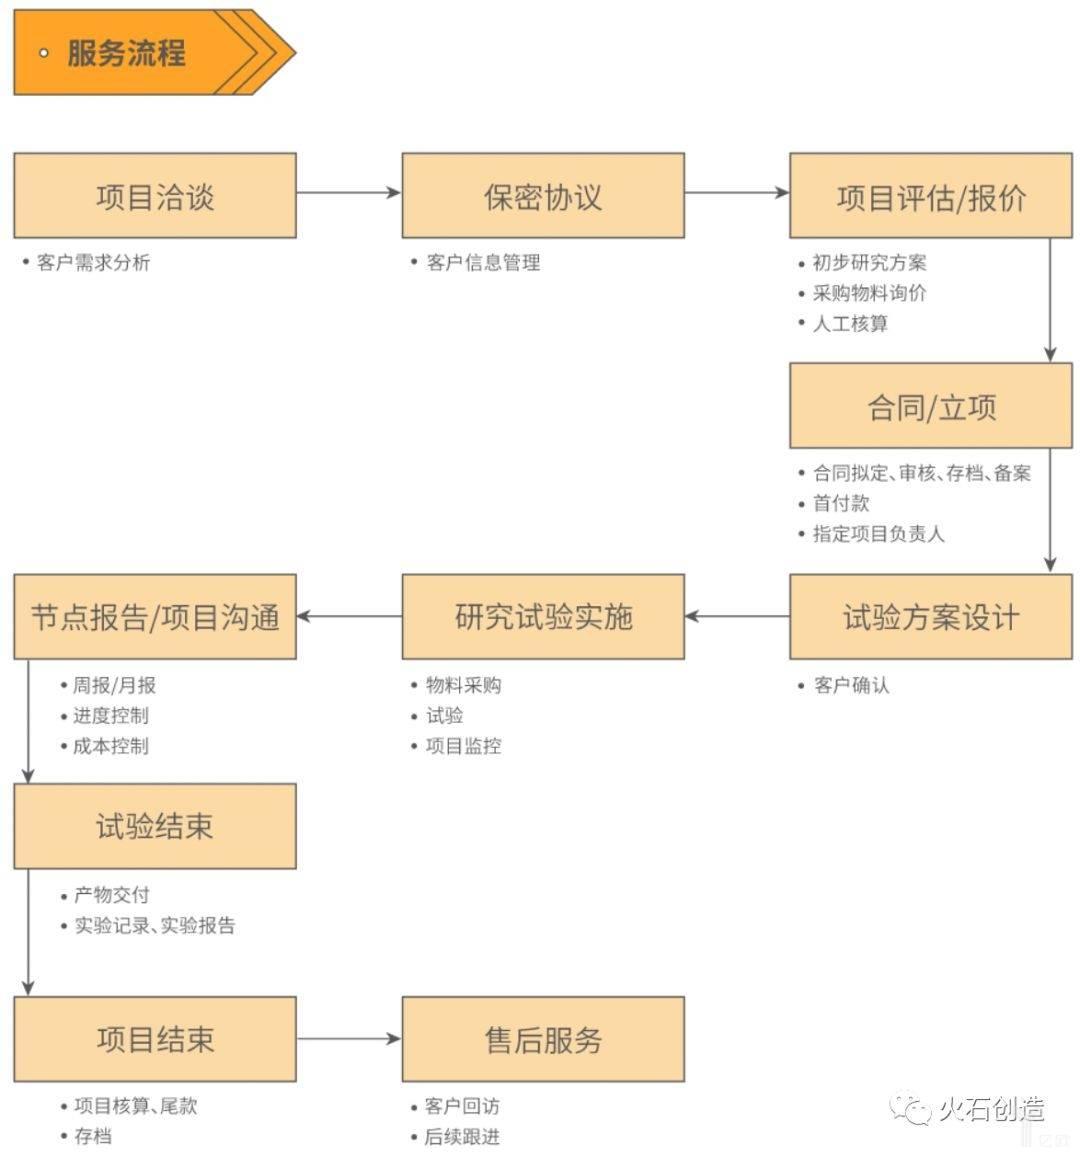 图4  临床前CRO服务流程 .jpeg